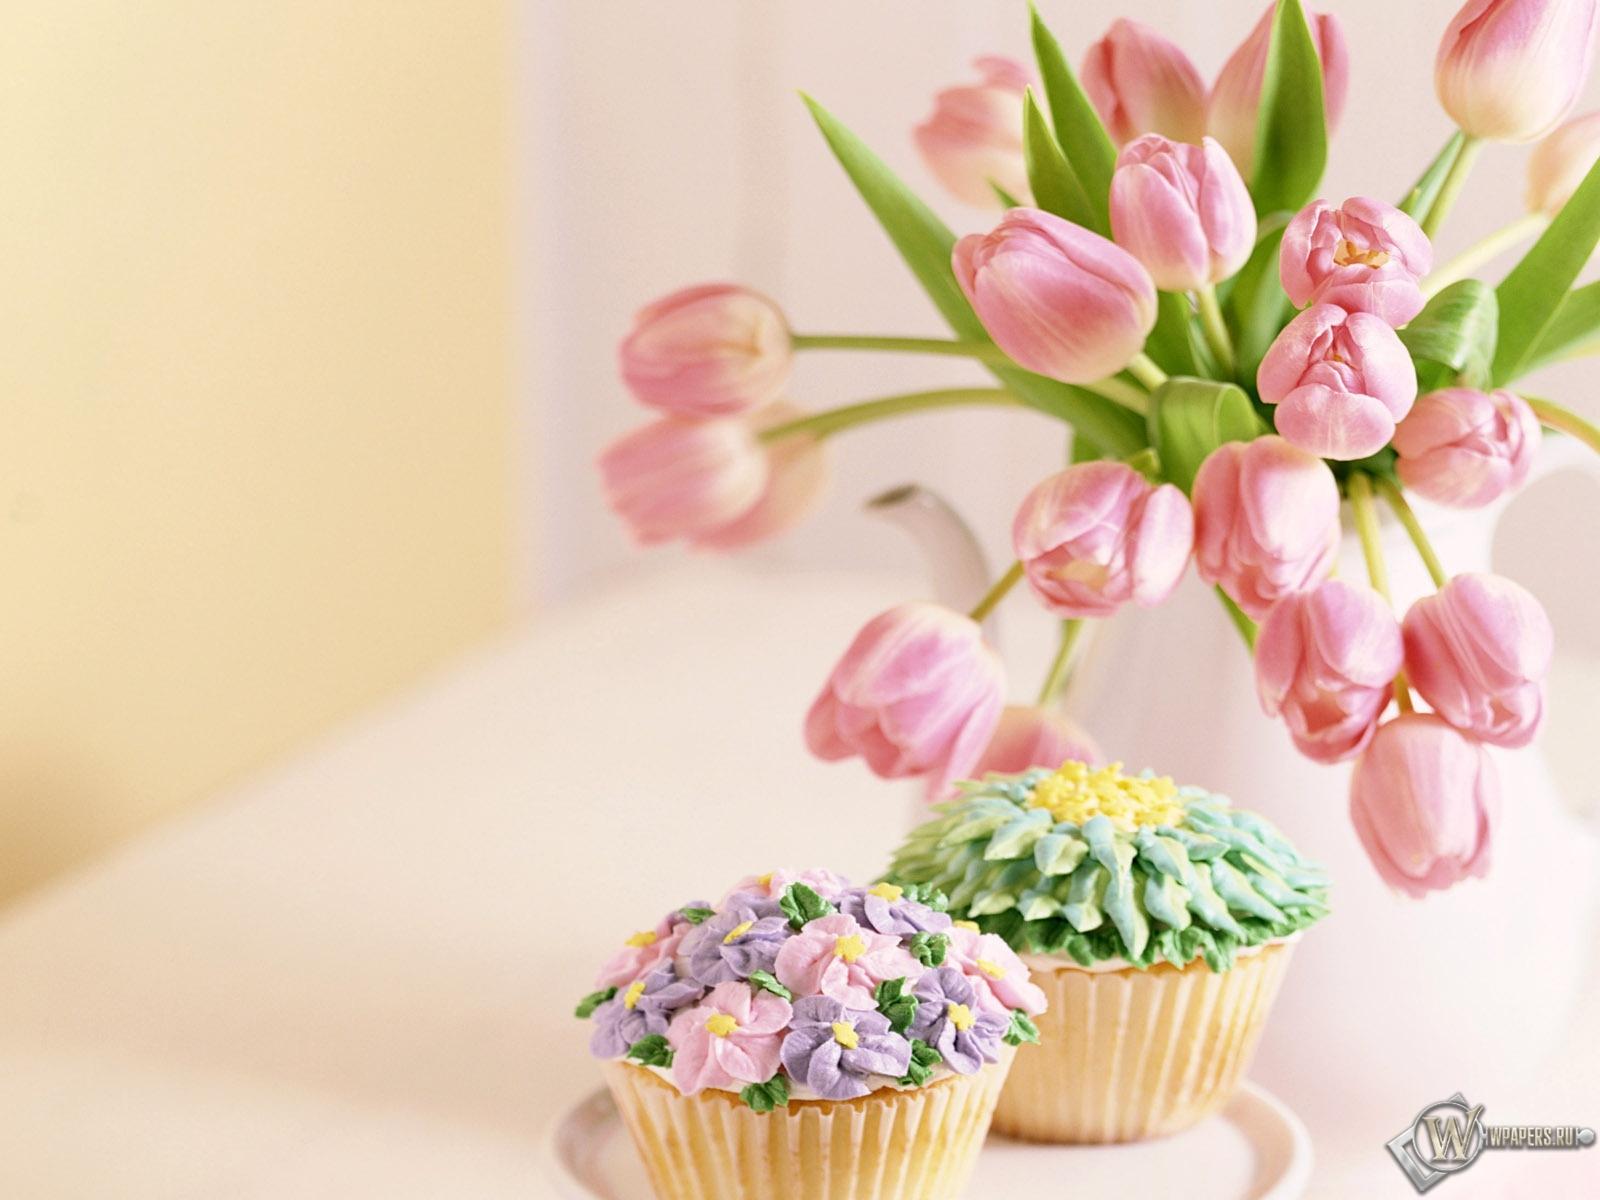 Тюльпаны и пирожные 1600x1200